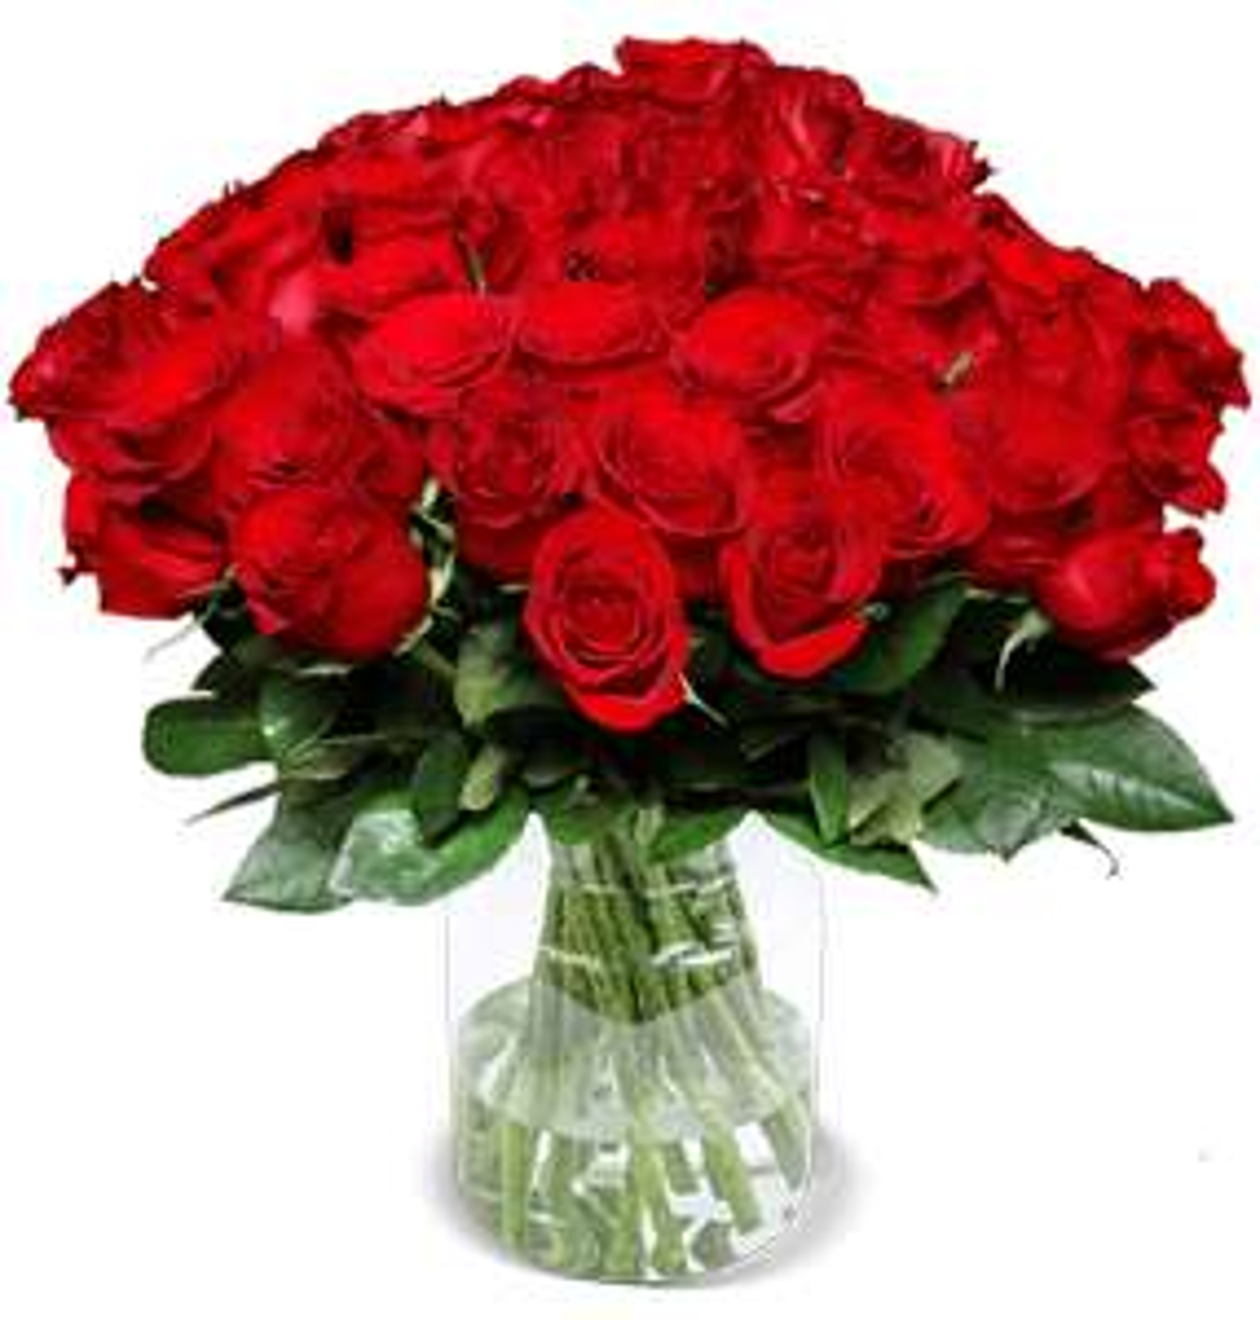 44 rote Rosen, XXL Rosenpaket, 7-Tage-Frischegarantie